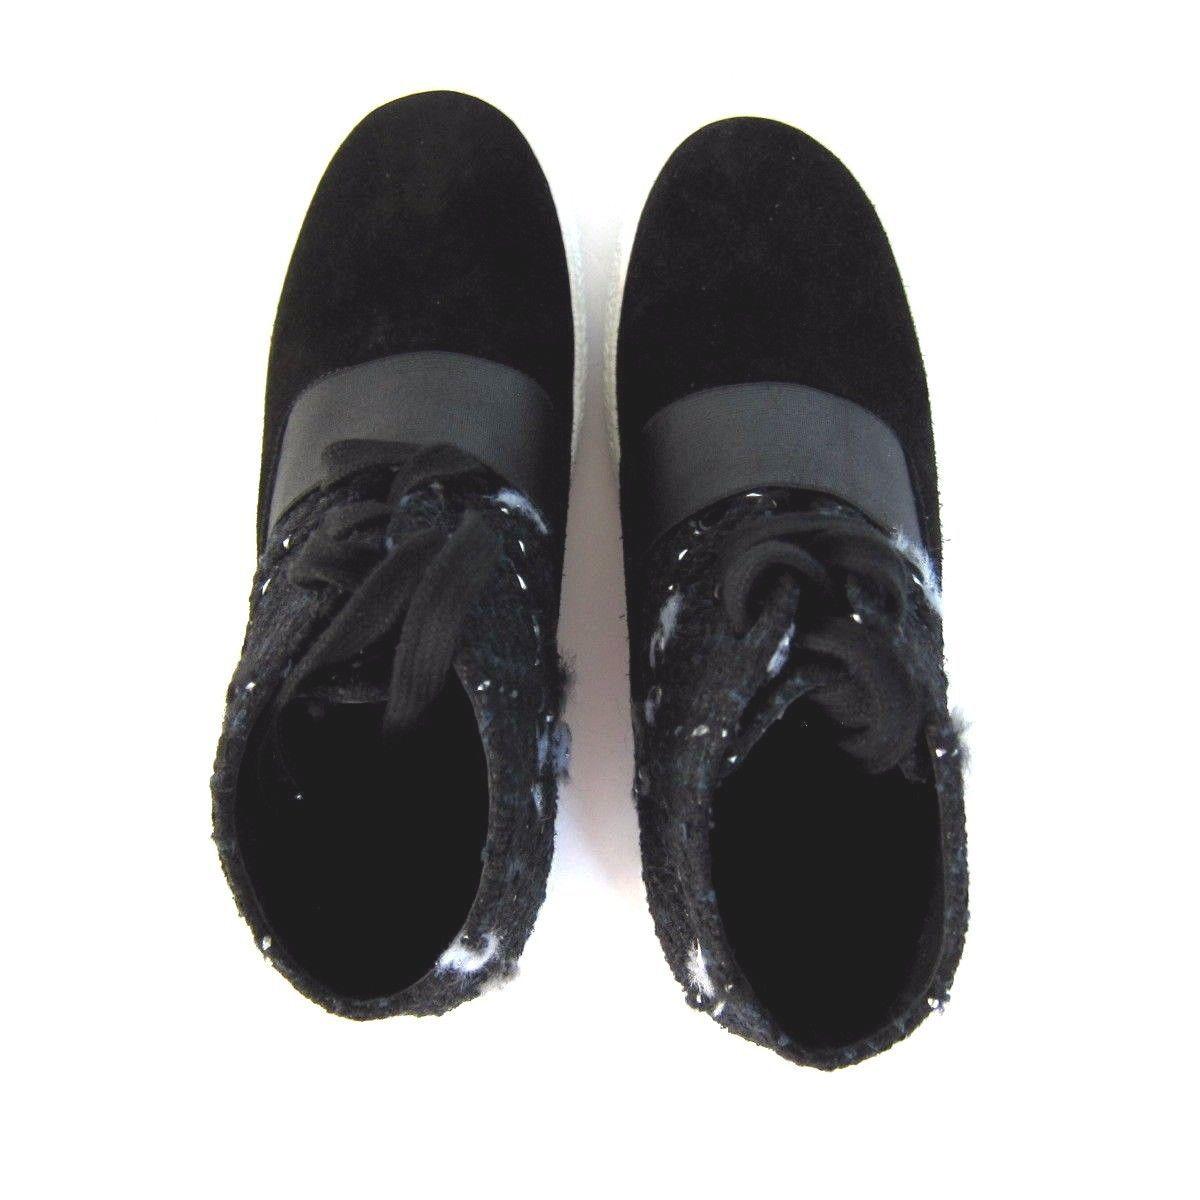 a8148f4e27ec J-2419310 New Chanel Black Tweed Hi-Top Sneakers Size 37.5 US 7.5